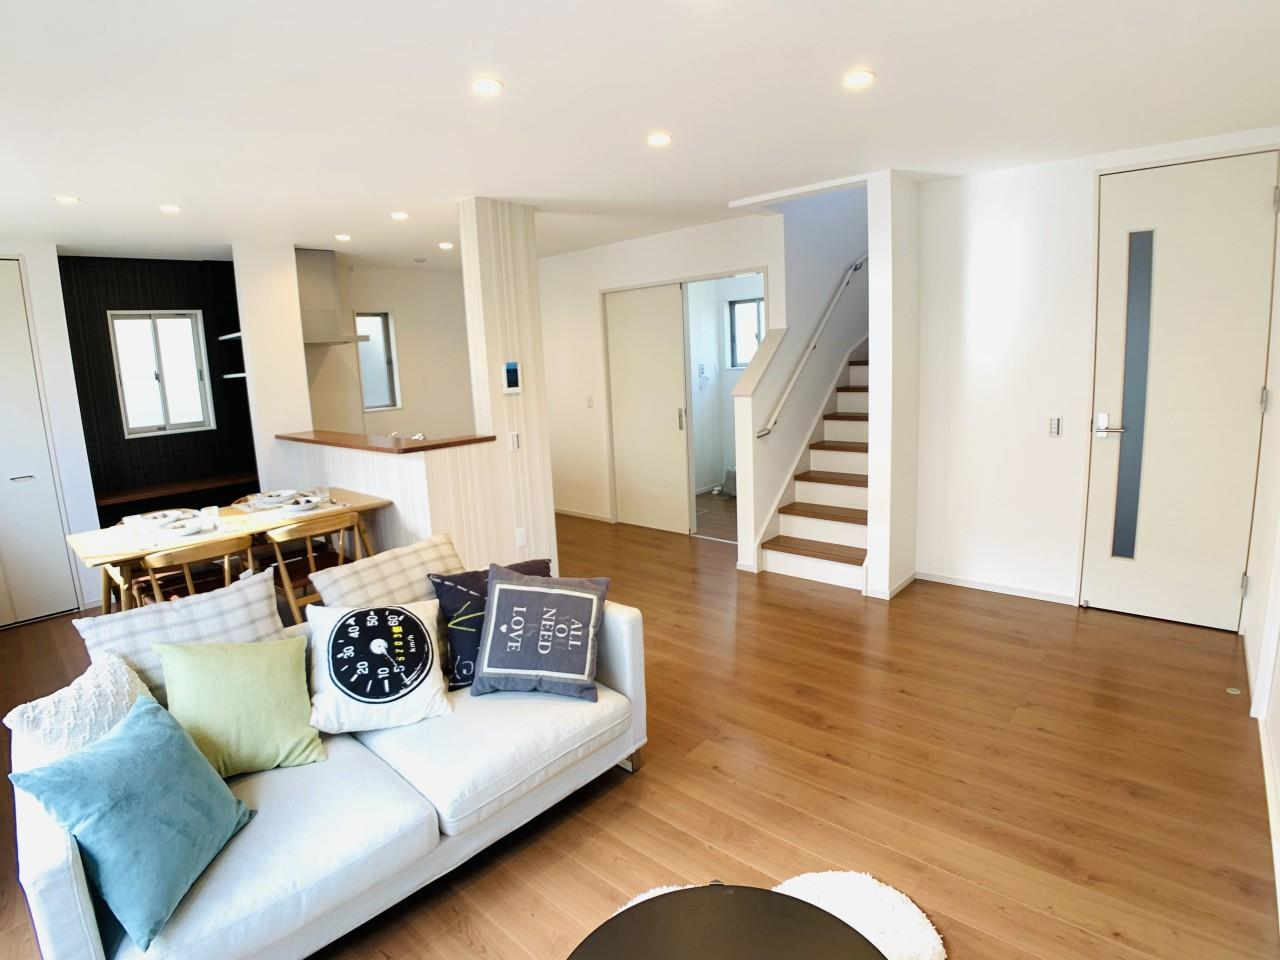 2階に上がる際、家族と顔を合わせる「リビング内階段」。洗面所からバルコニーへの家事導線も短く確保する工夫をしています。